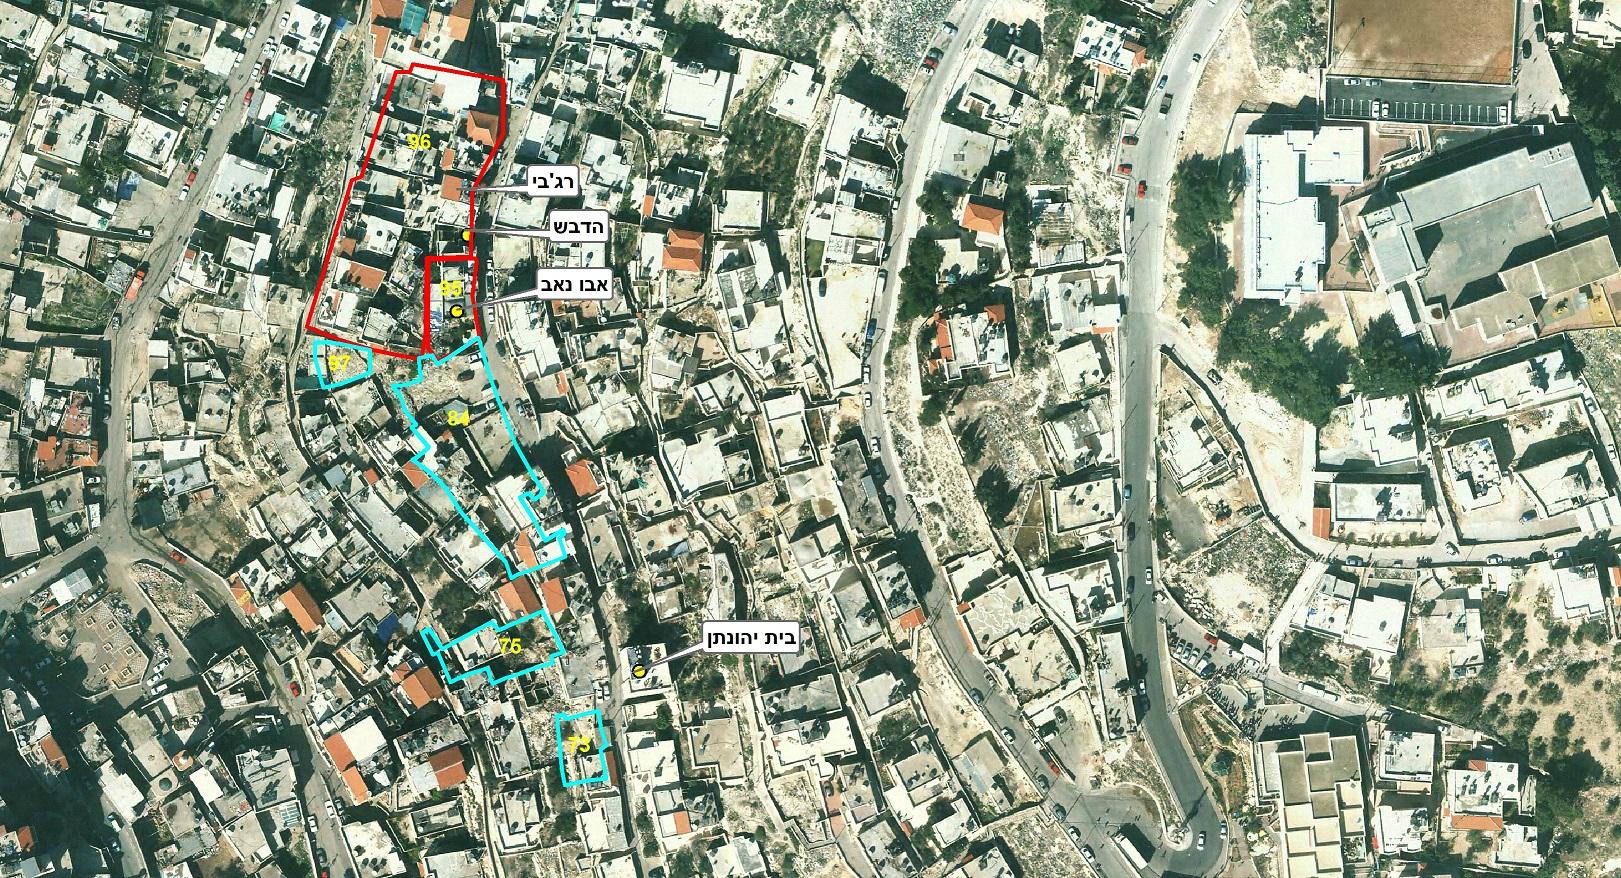 הנכסים של הקדש בנבנישתי (חלקות 95, 96) והחלקות הנוספות שקיבלו המתנחלים מהמדינה